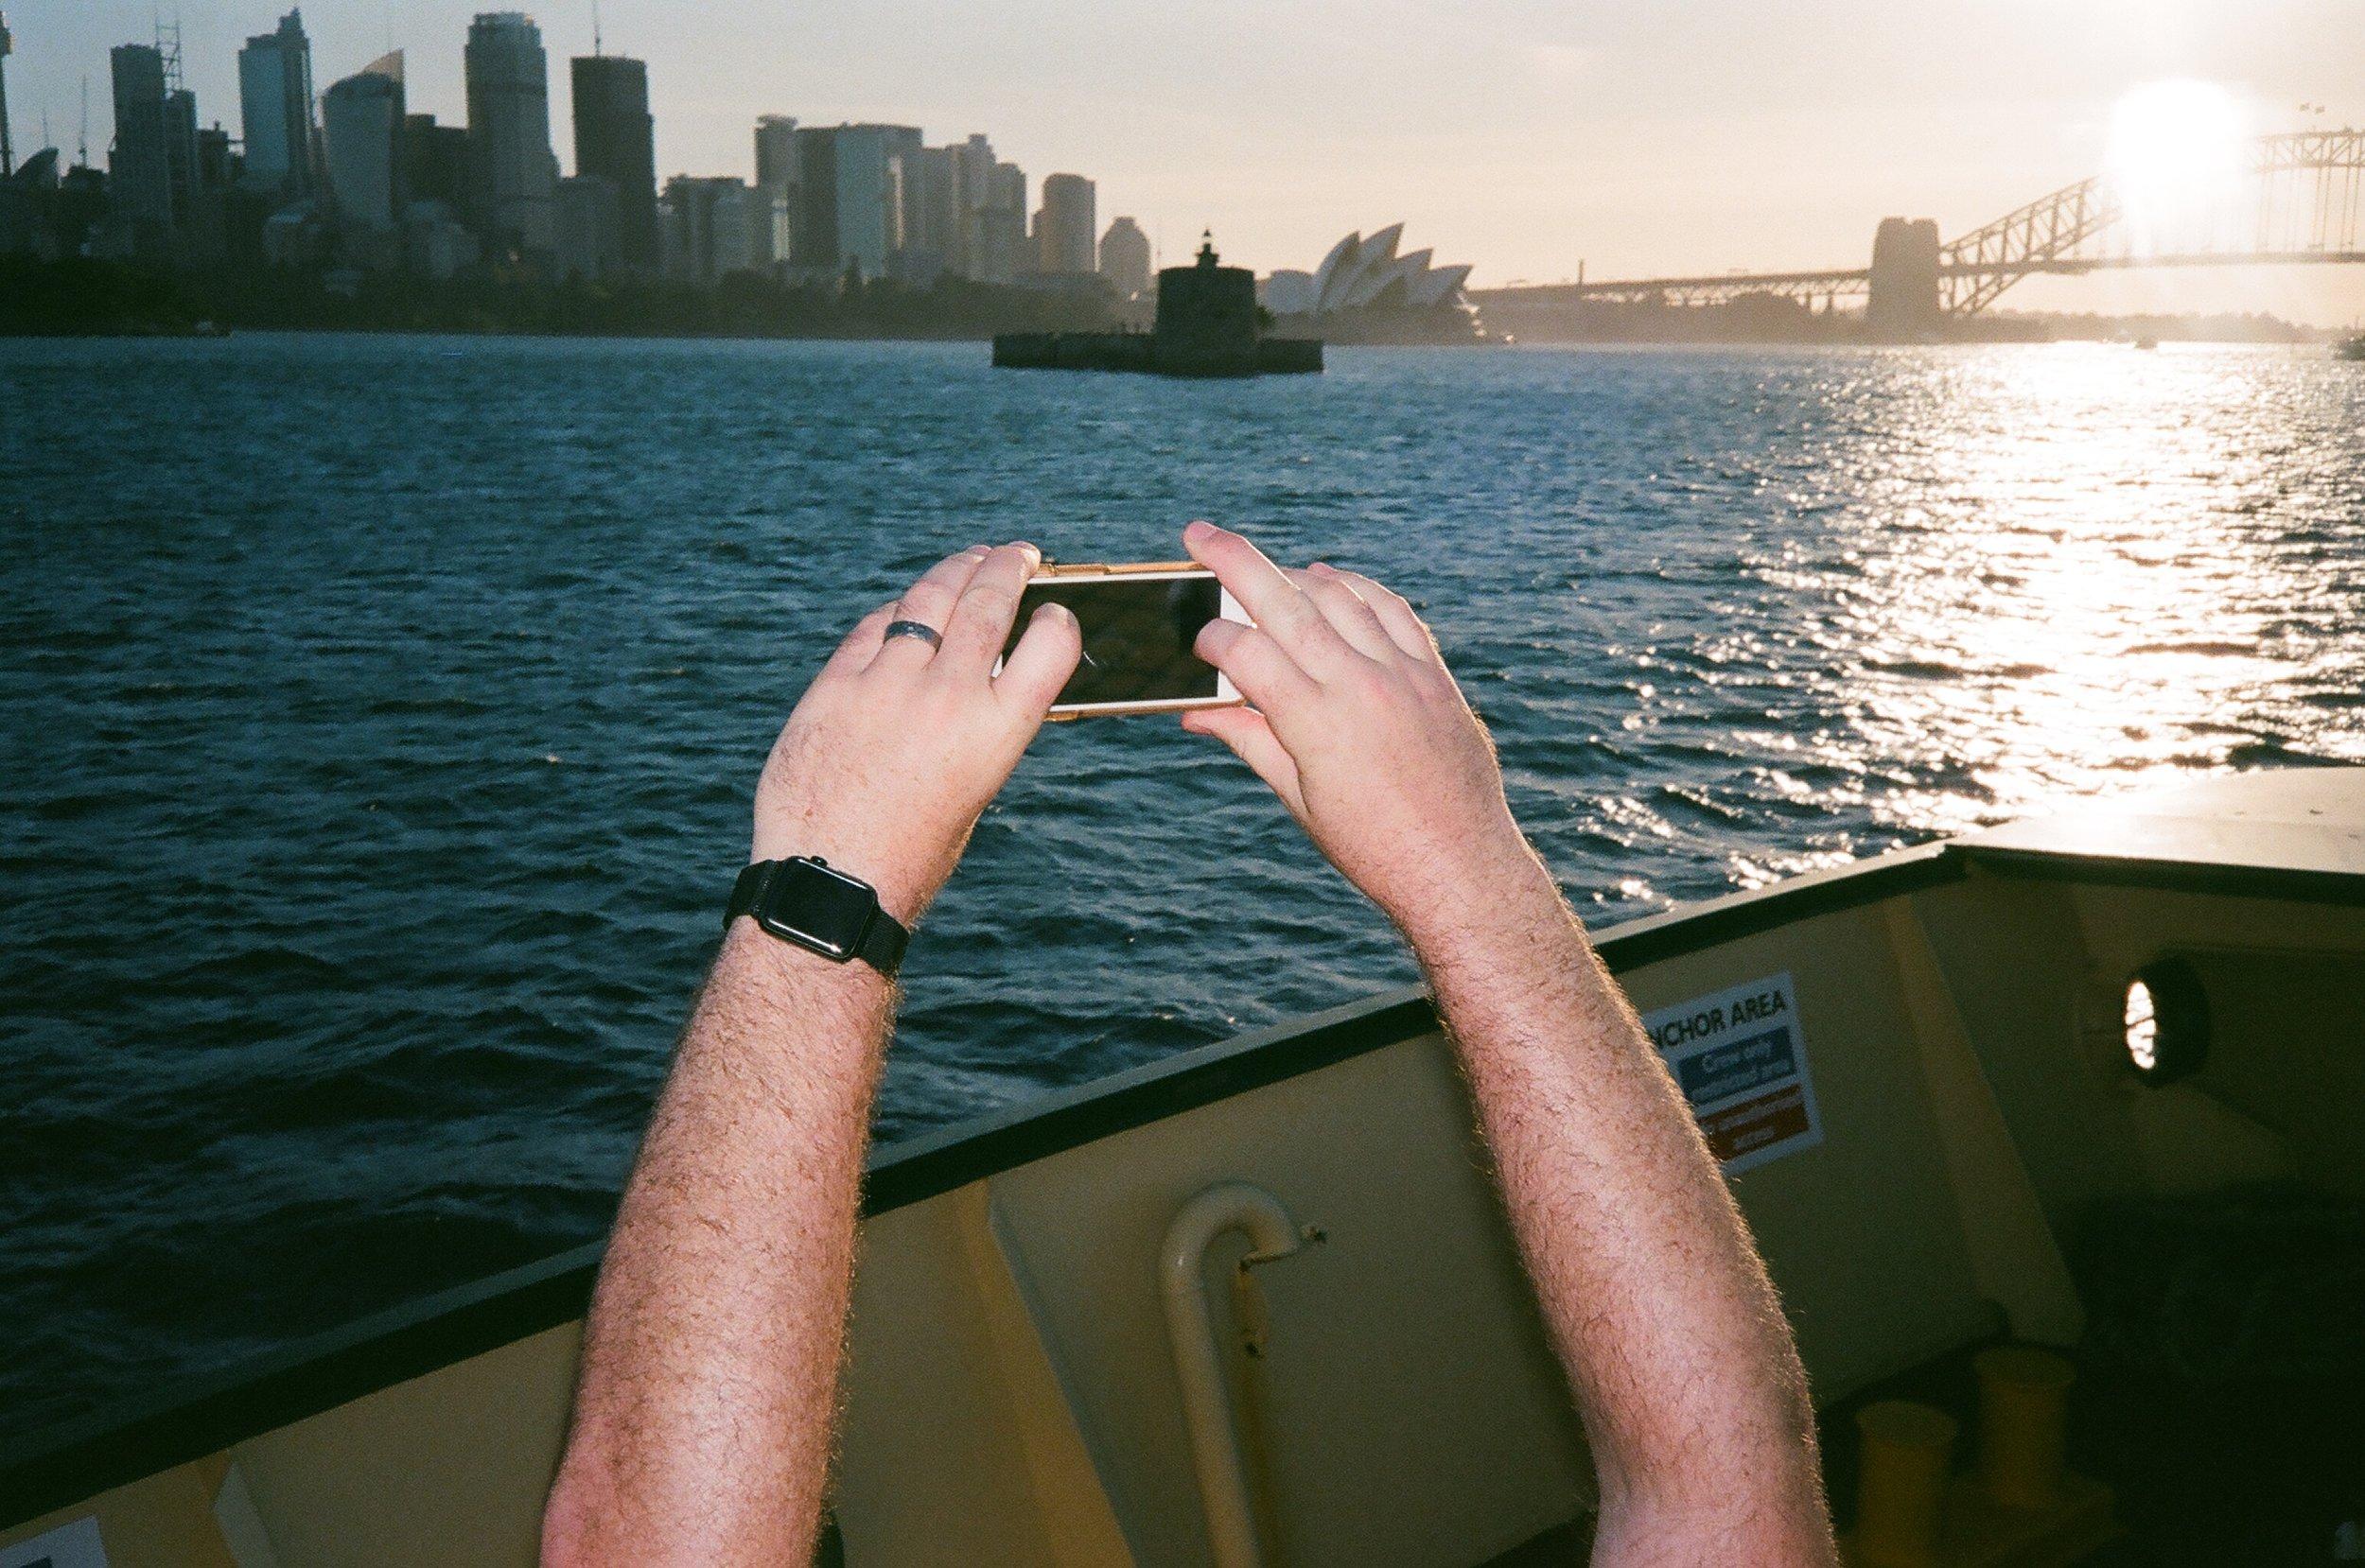 Manly Ferry, Sydney, Australia